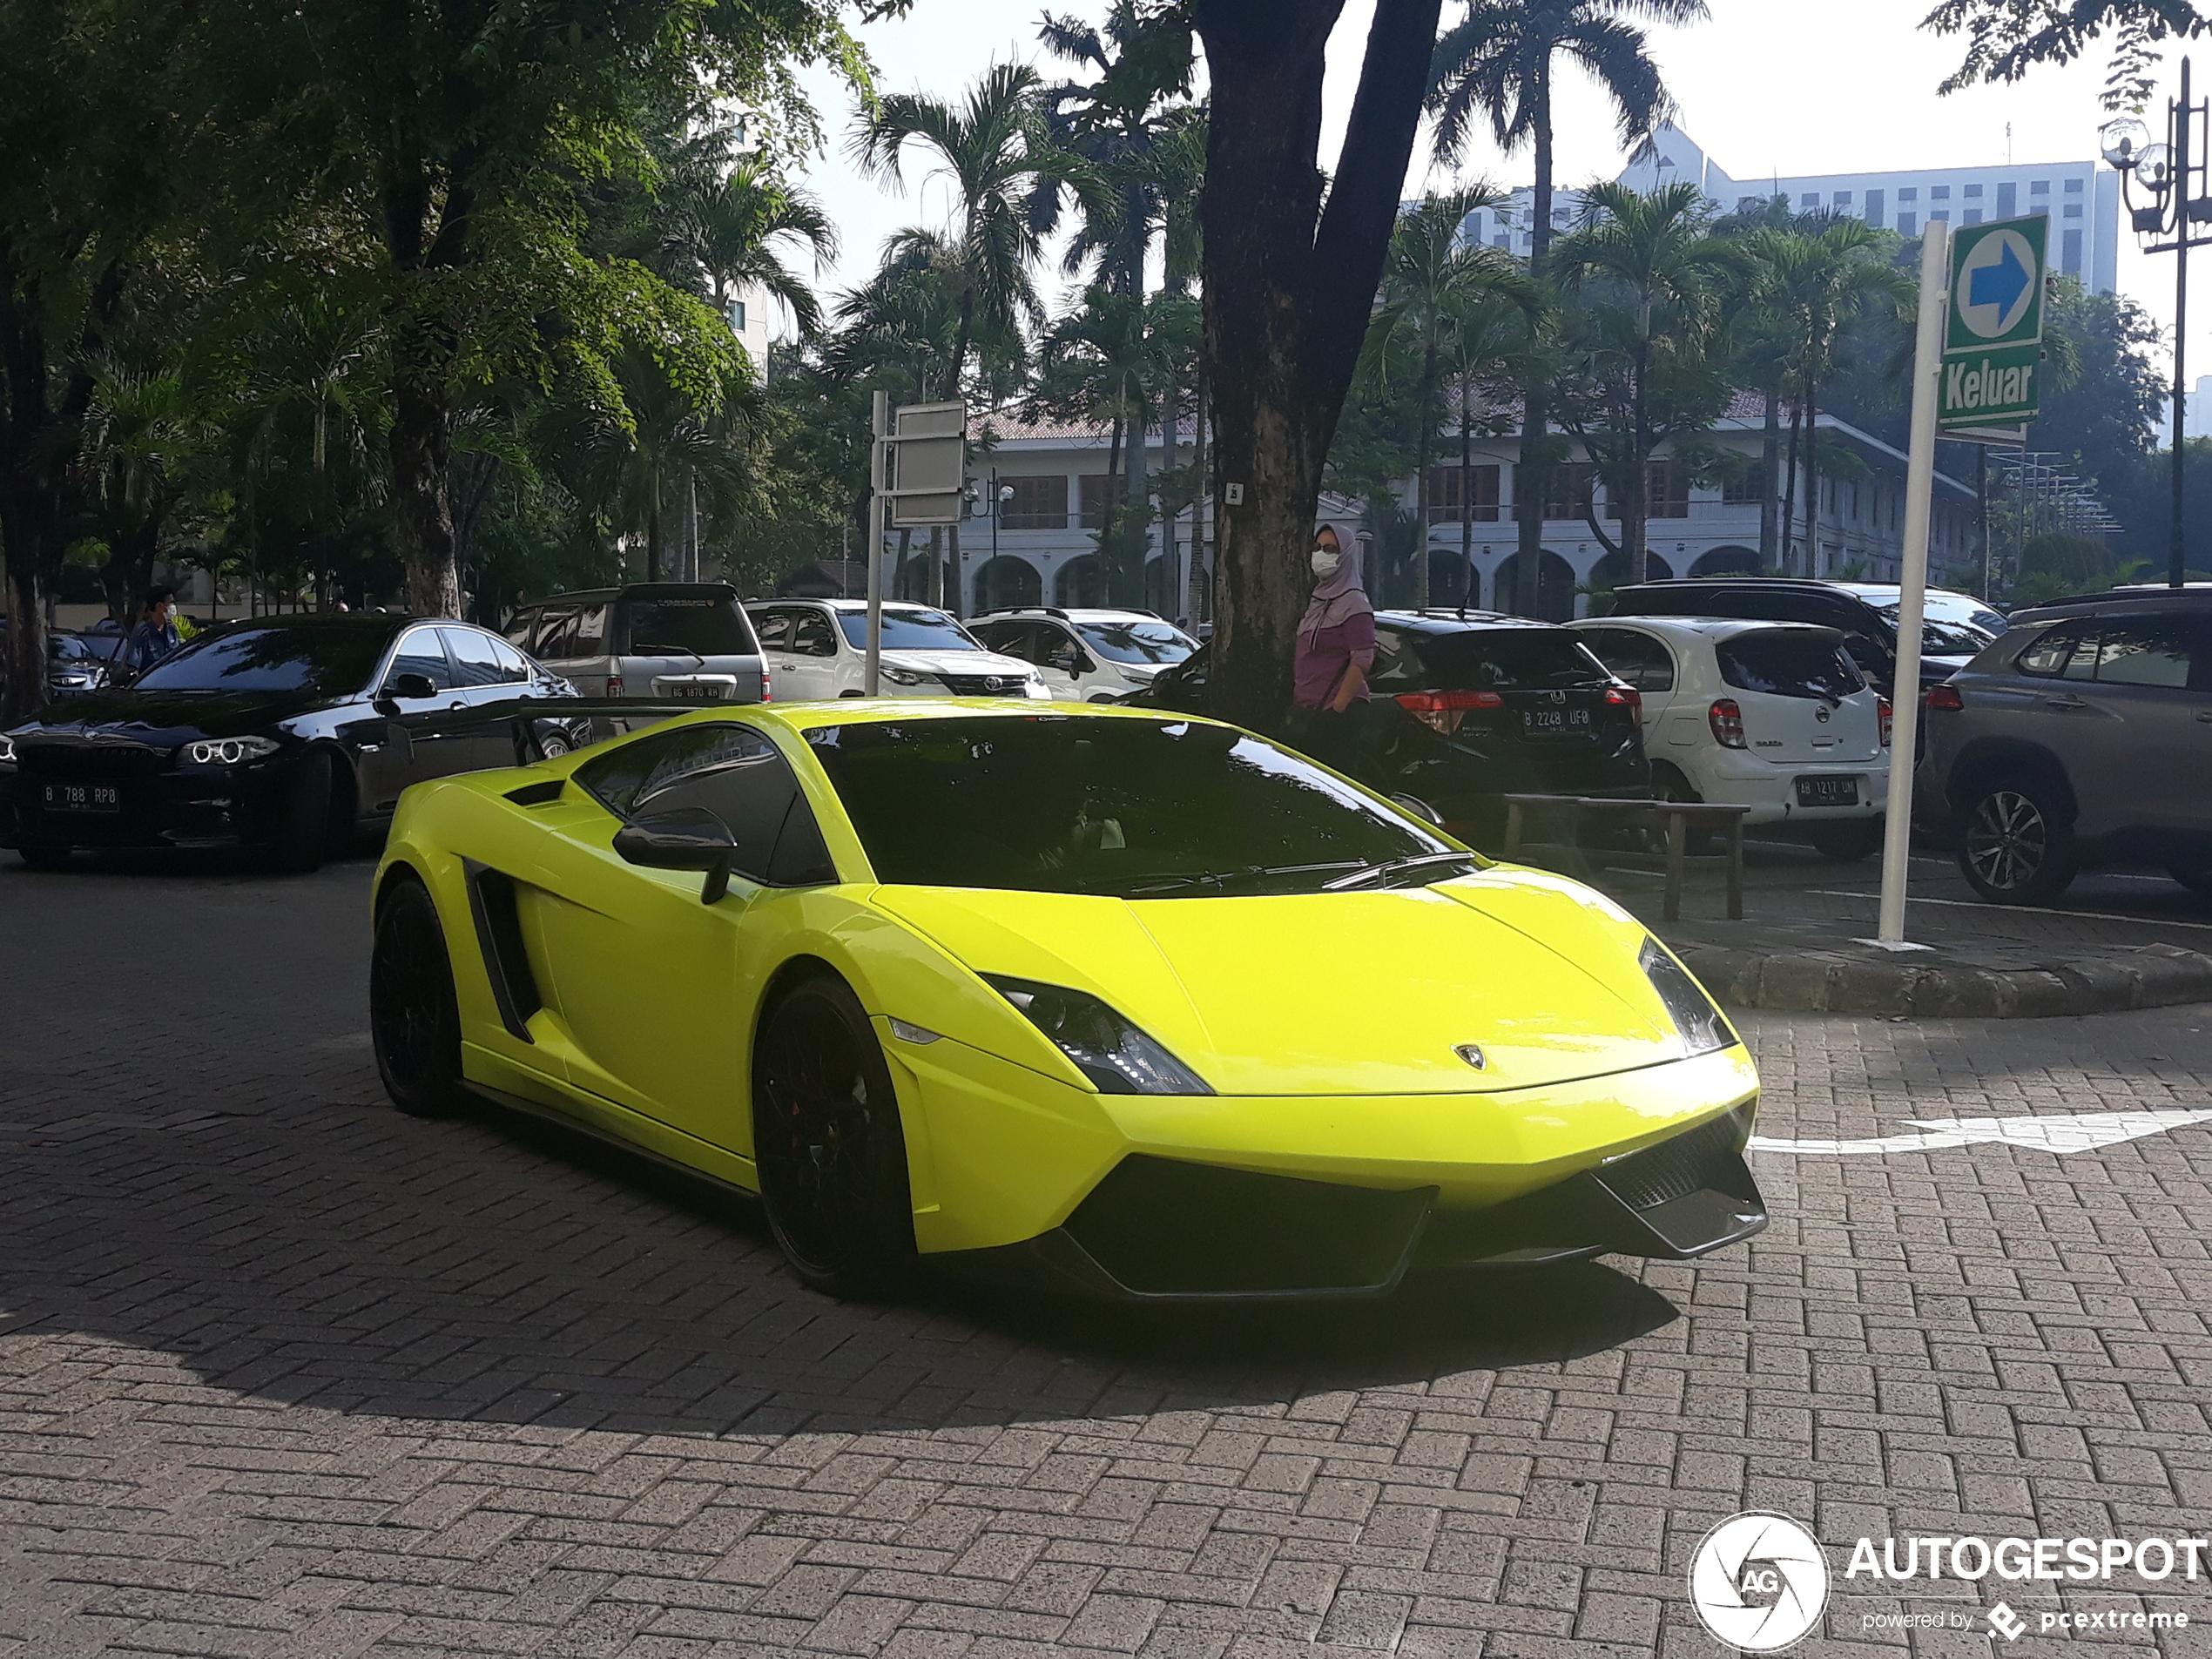 LamborghiniGallardo LP550-2